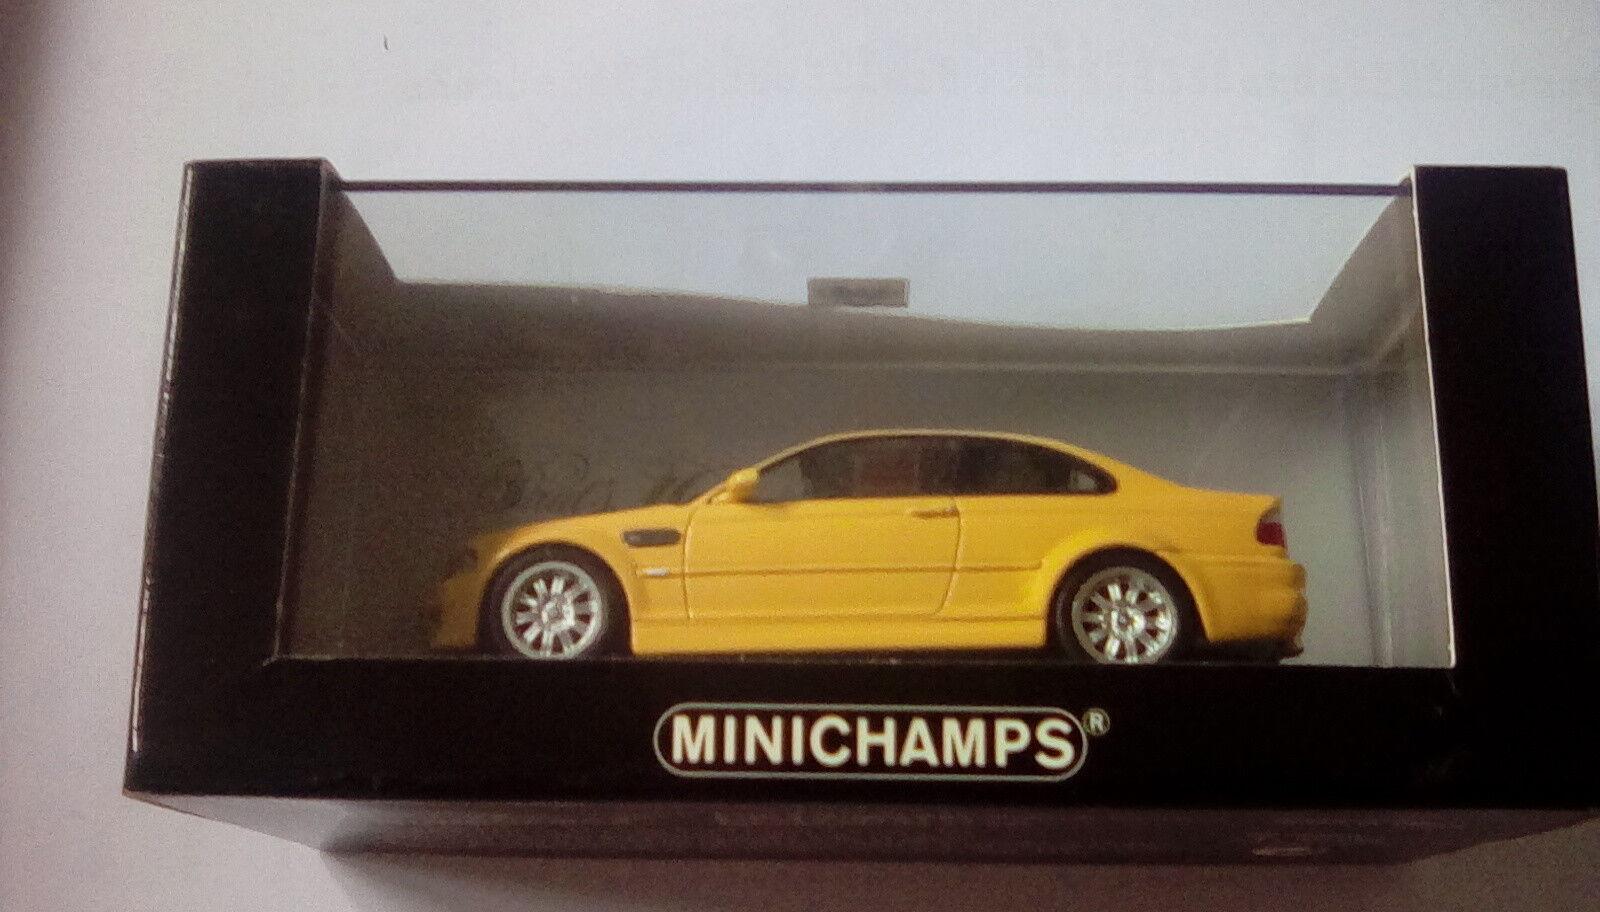 ULTRA RARE MINICHAMPS BMW M3 Coupé  Dakar Jaune 1 43 1 de 2592 Comme neuf IN BOX  centre commercial de la mode